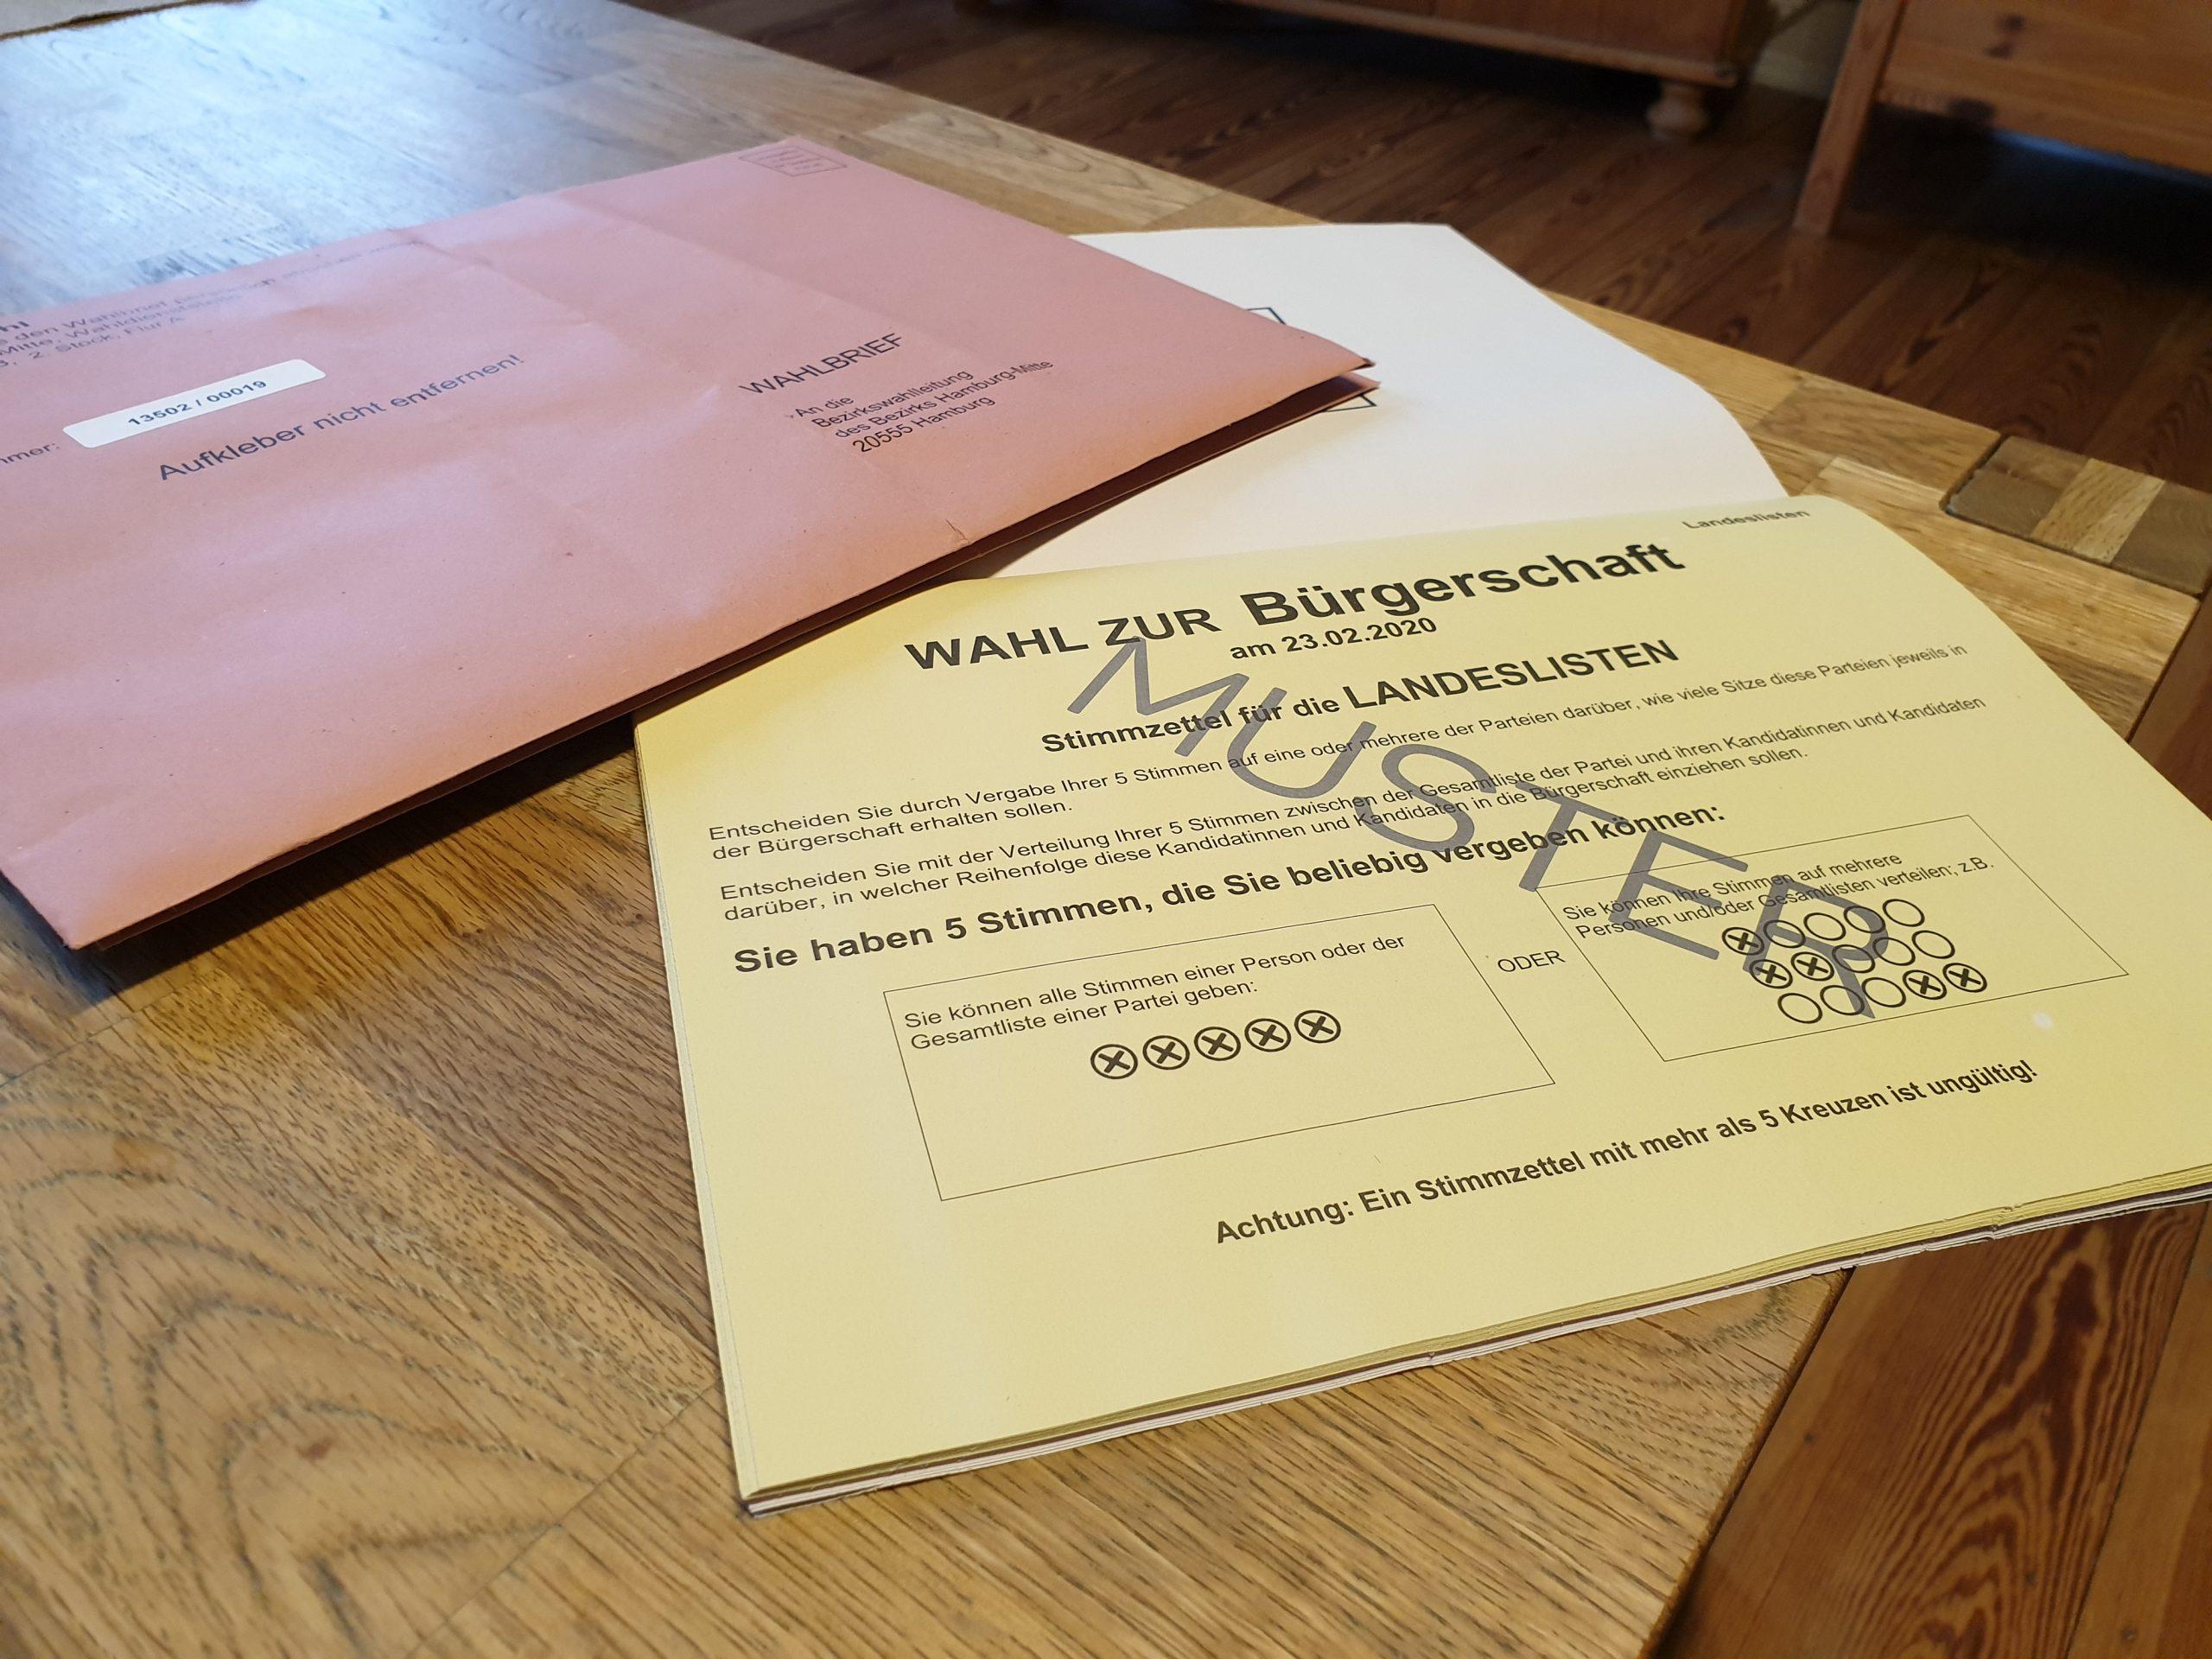 Bereits mit der amtlichen Wahlbenachrichtigung haben die wahlberechtigten Hamburgerinnen und Hamburger Musterstimmzettel zugeschickt bekommen um sich zu informieren. Foto: au